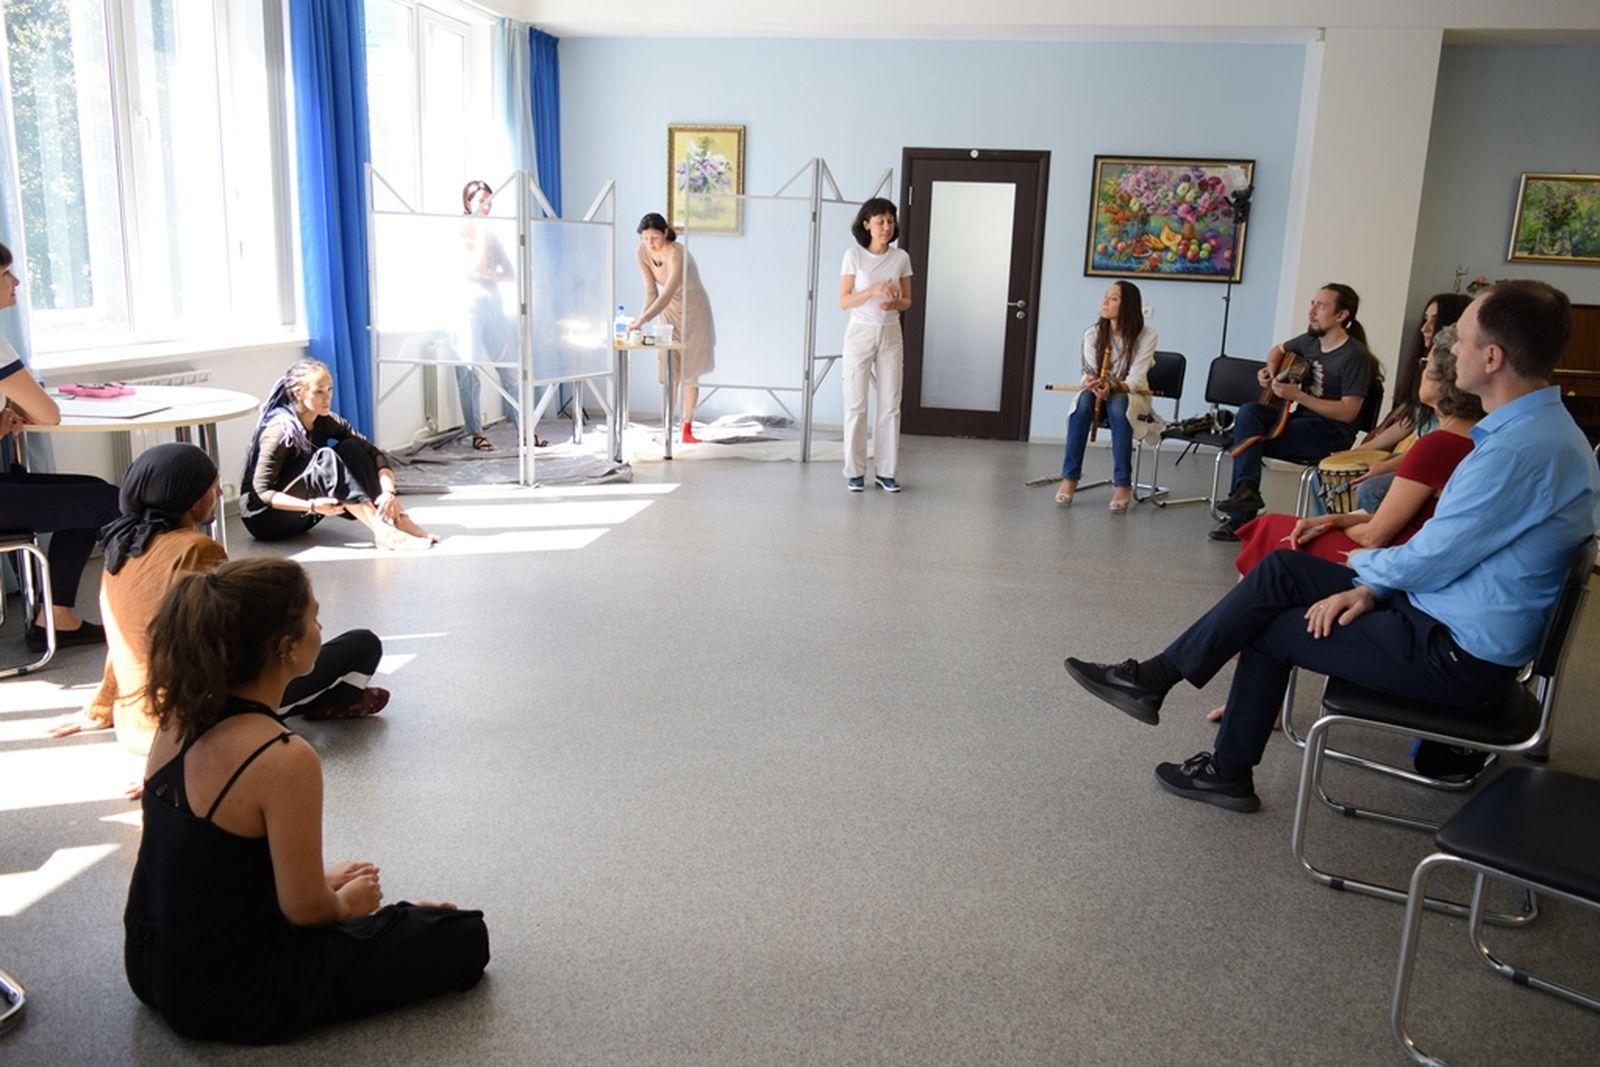 Poetic-art performance by Inna Britvina